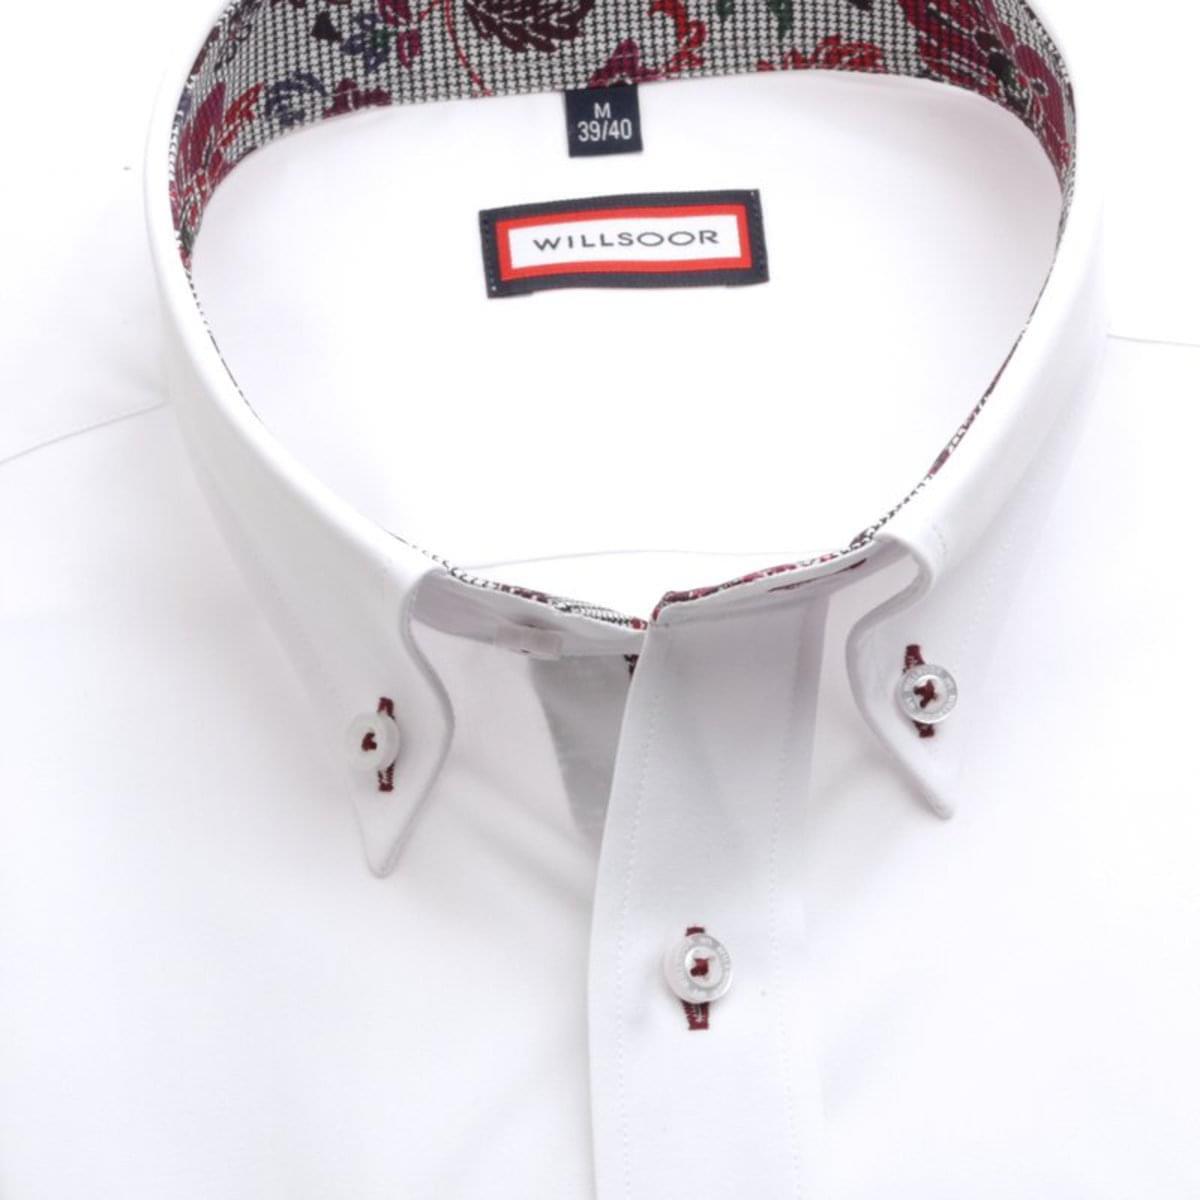 Pánská klasická košile (výška 164-170) 7629 v bílé barvě 164-170 / XL (43/44)